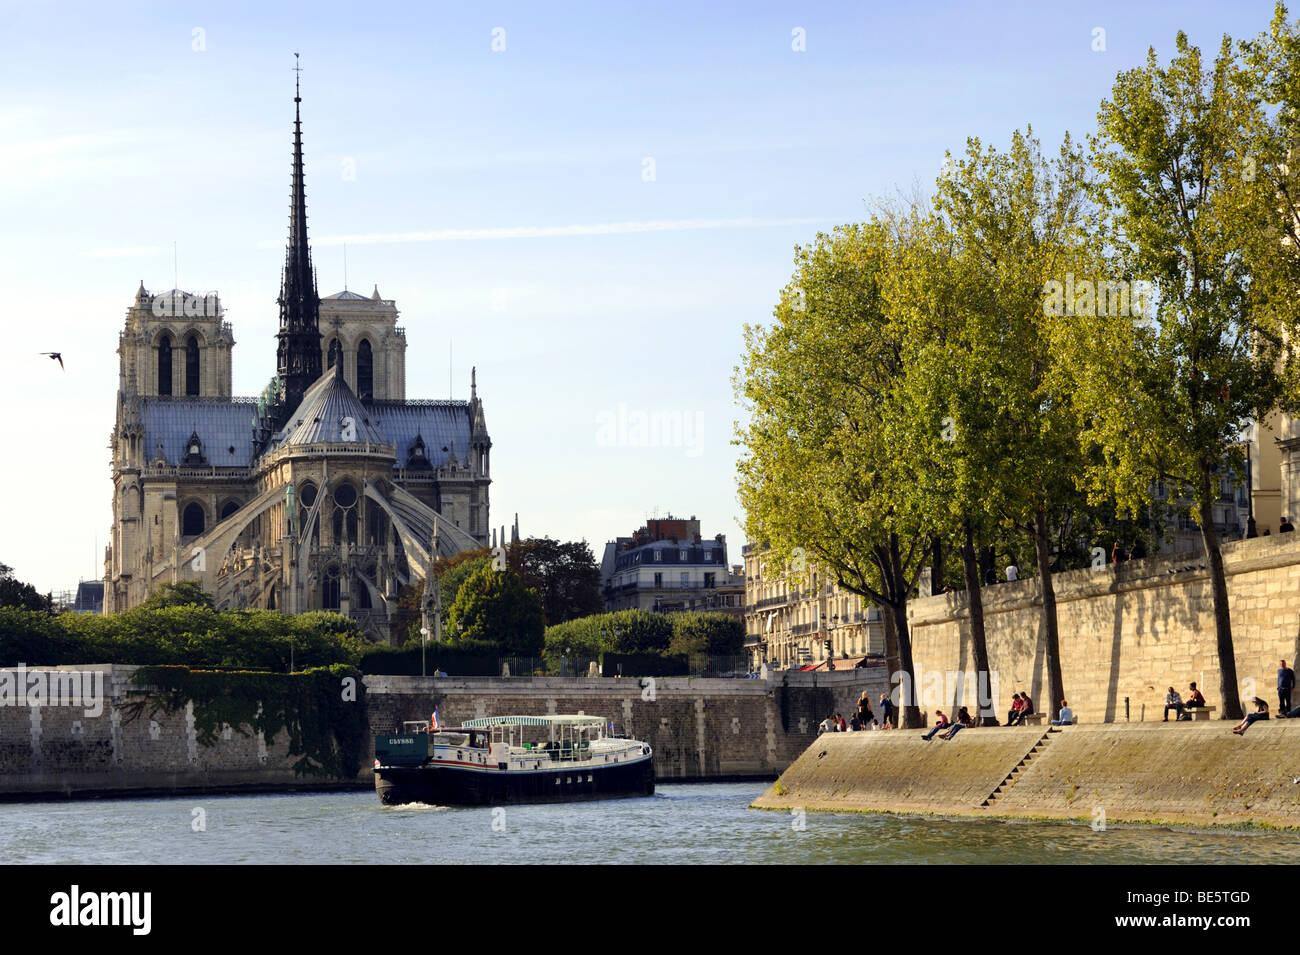 Notre Dame, Ile de la Cite, Ile St Louis and The River Seine, Paris, France - Stock Image